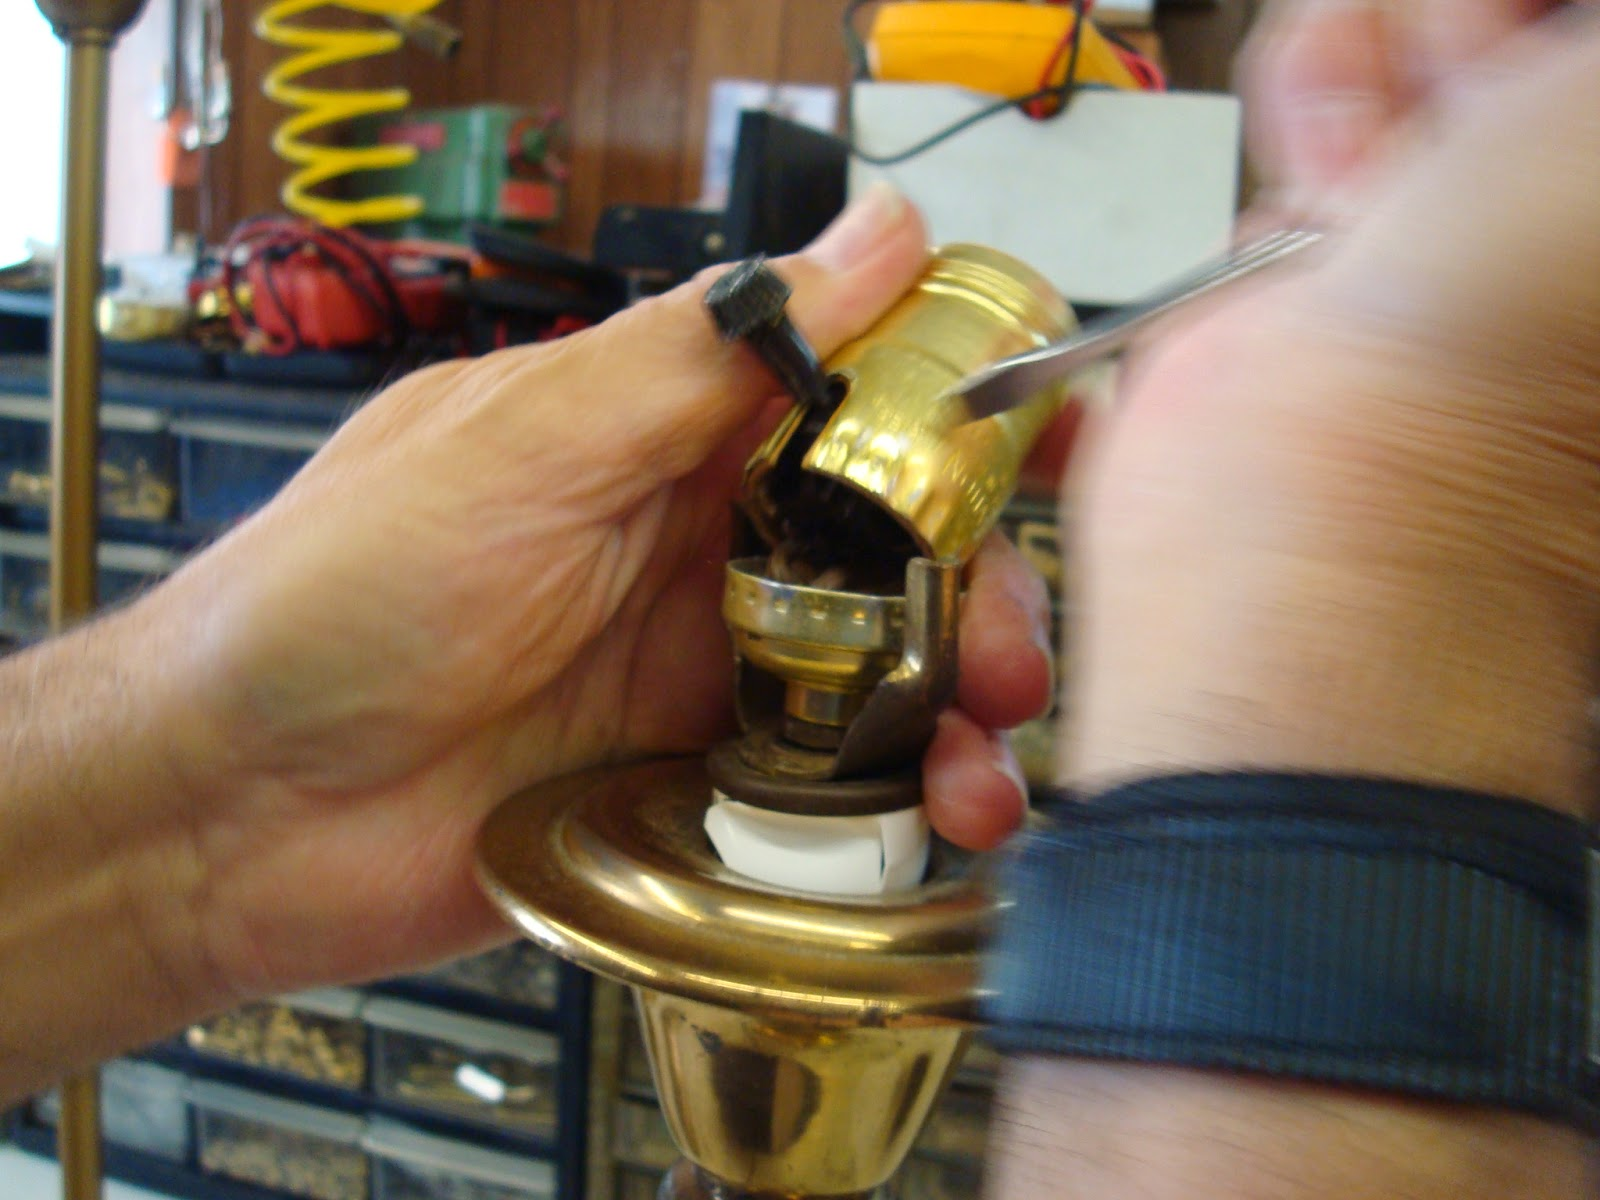 medium resolution of removing the socket shell from the socket cap